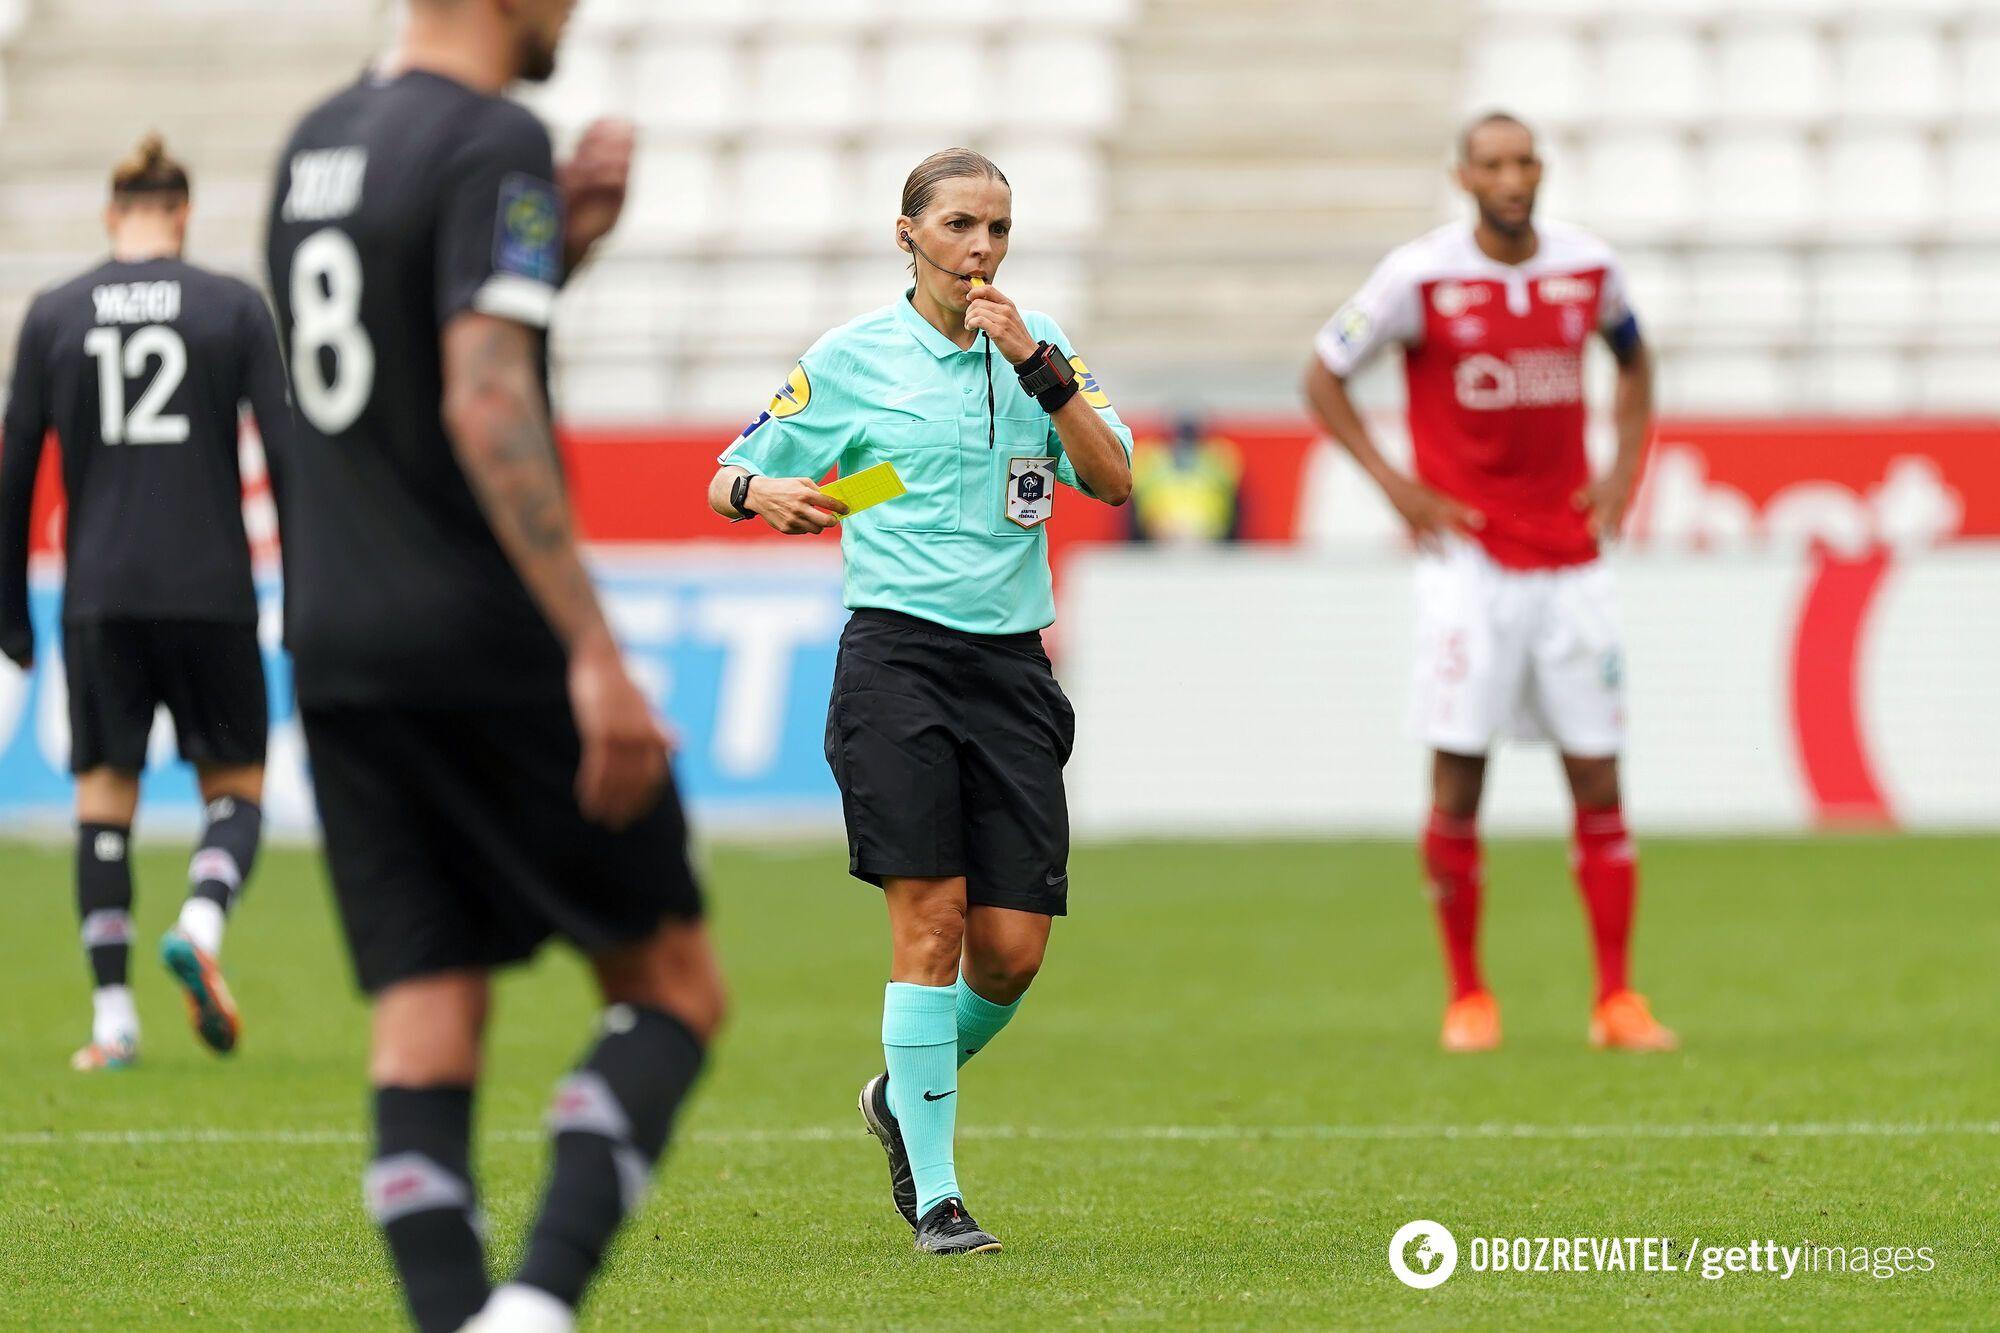 Стефани Флаппар станет первой женщиной, которая будет судить матч Лиги Европы